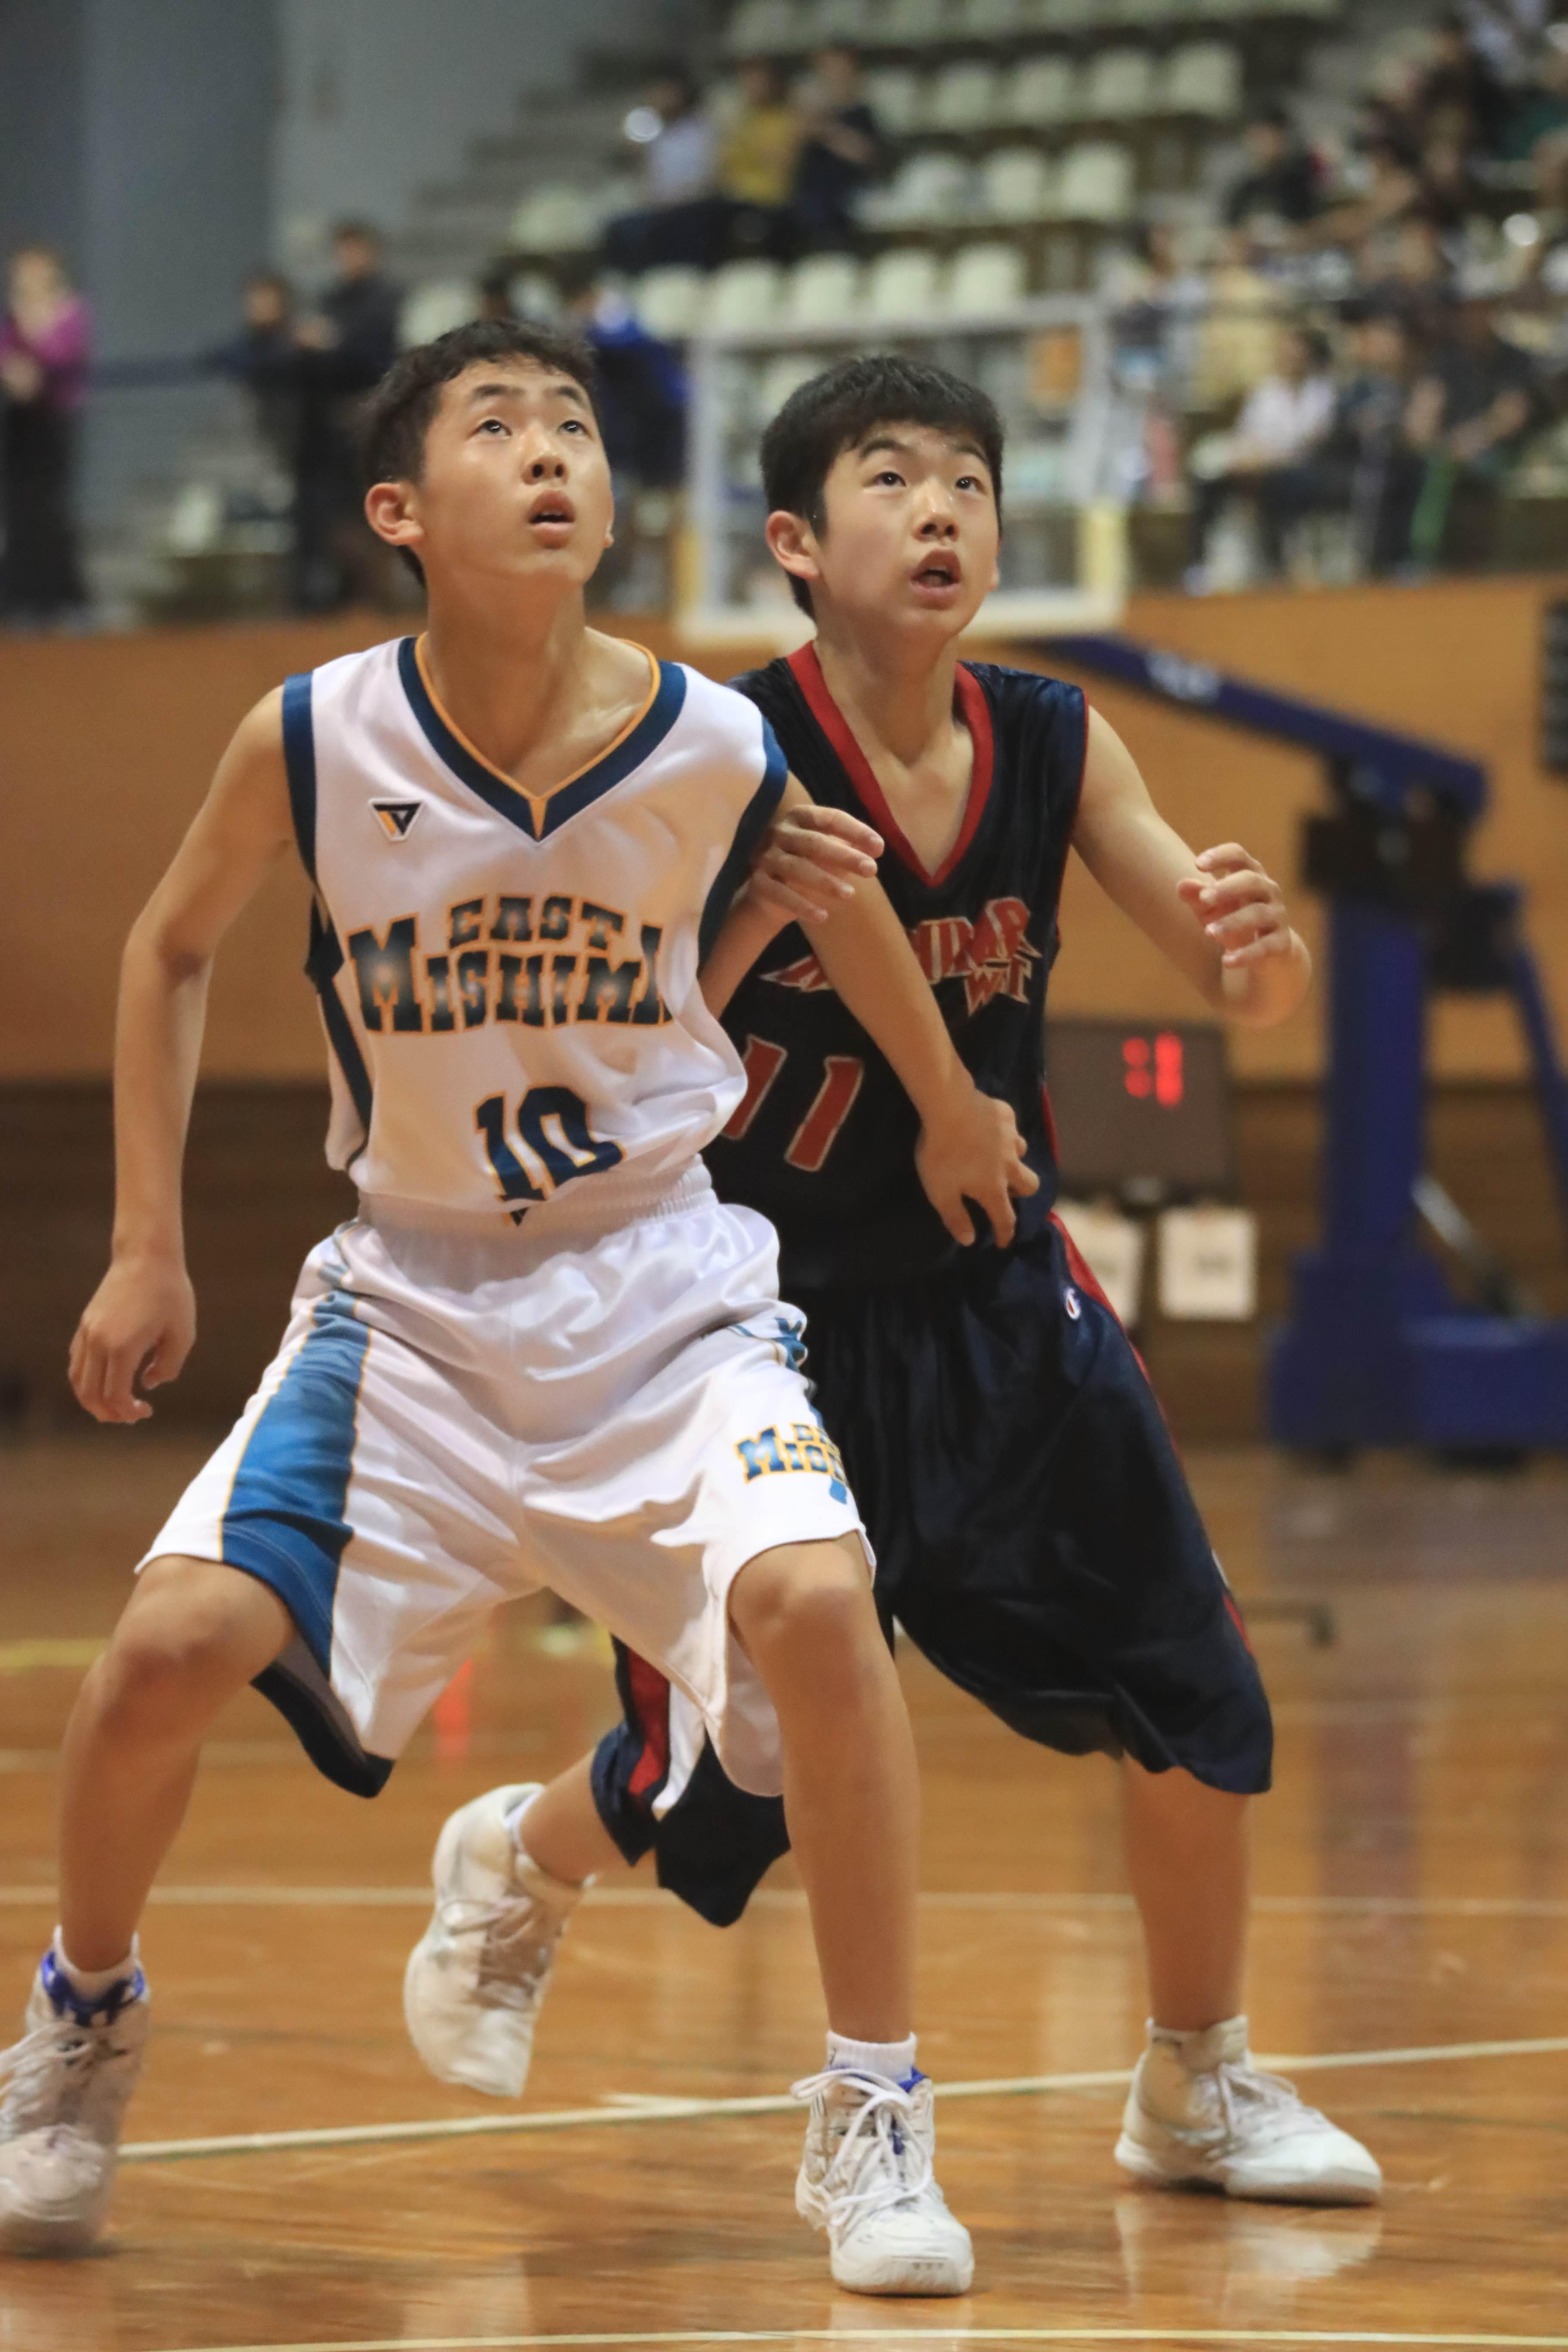 バスケットボール (103)